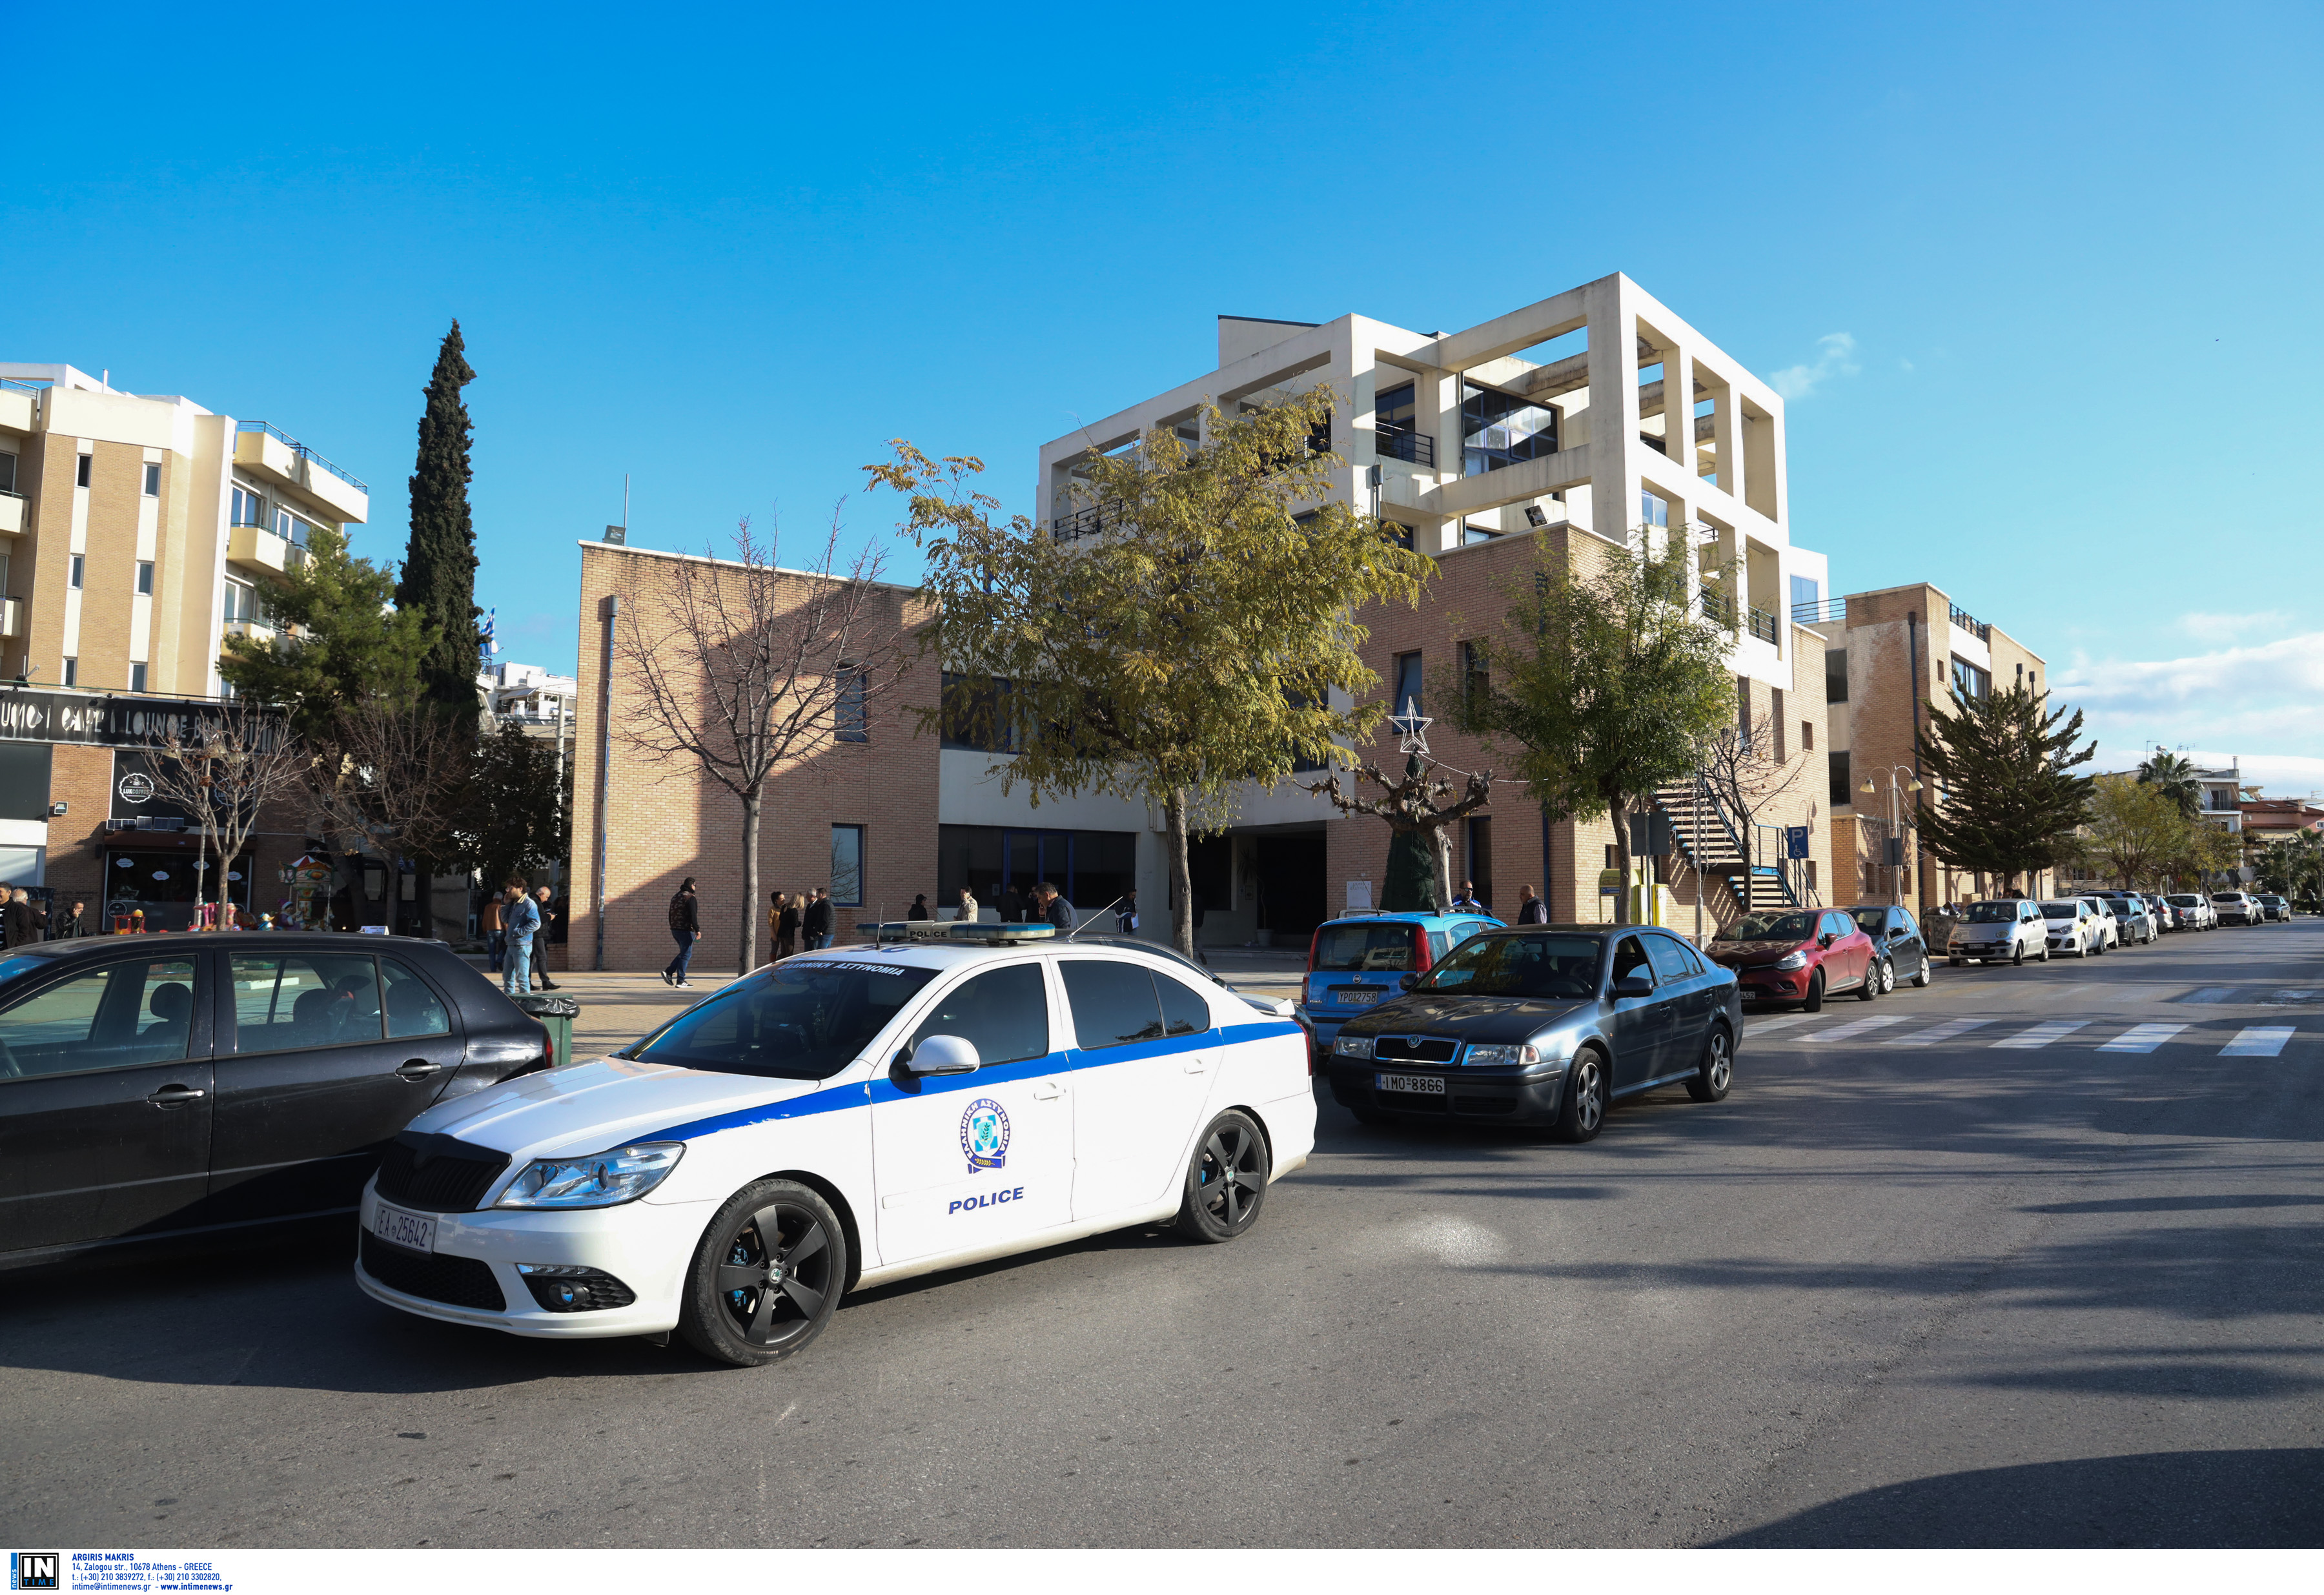 Μπούκαραν με κουκούλες και καλάσνικοφ στο δημαρχείο Αχαρνών - Τρόμος για υπαλλήλους και πολίτες